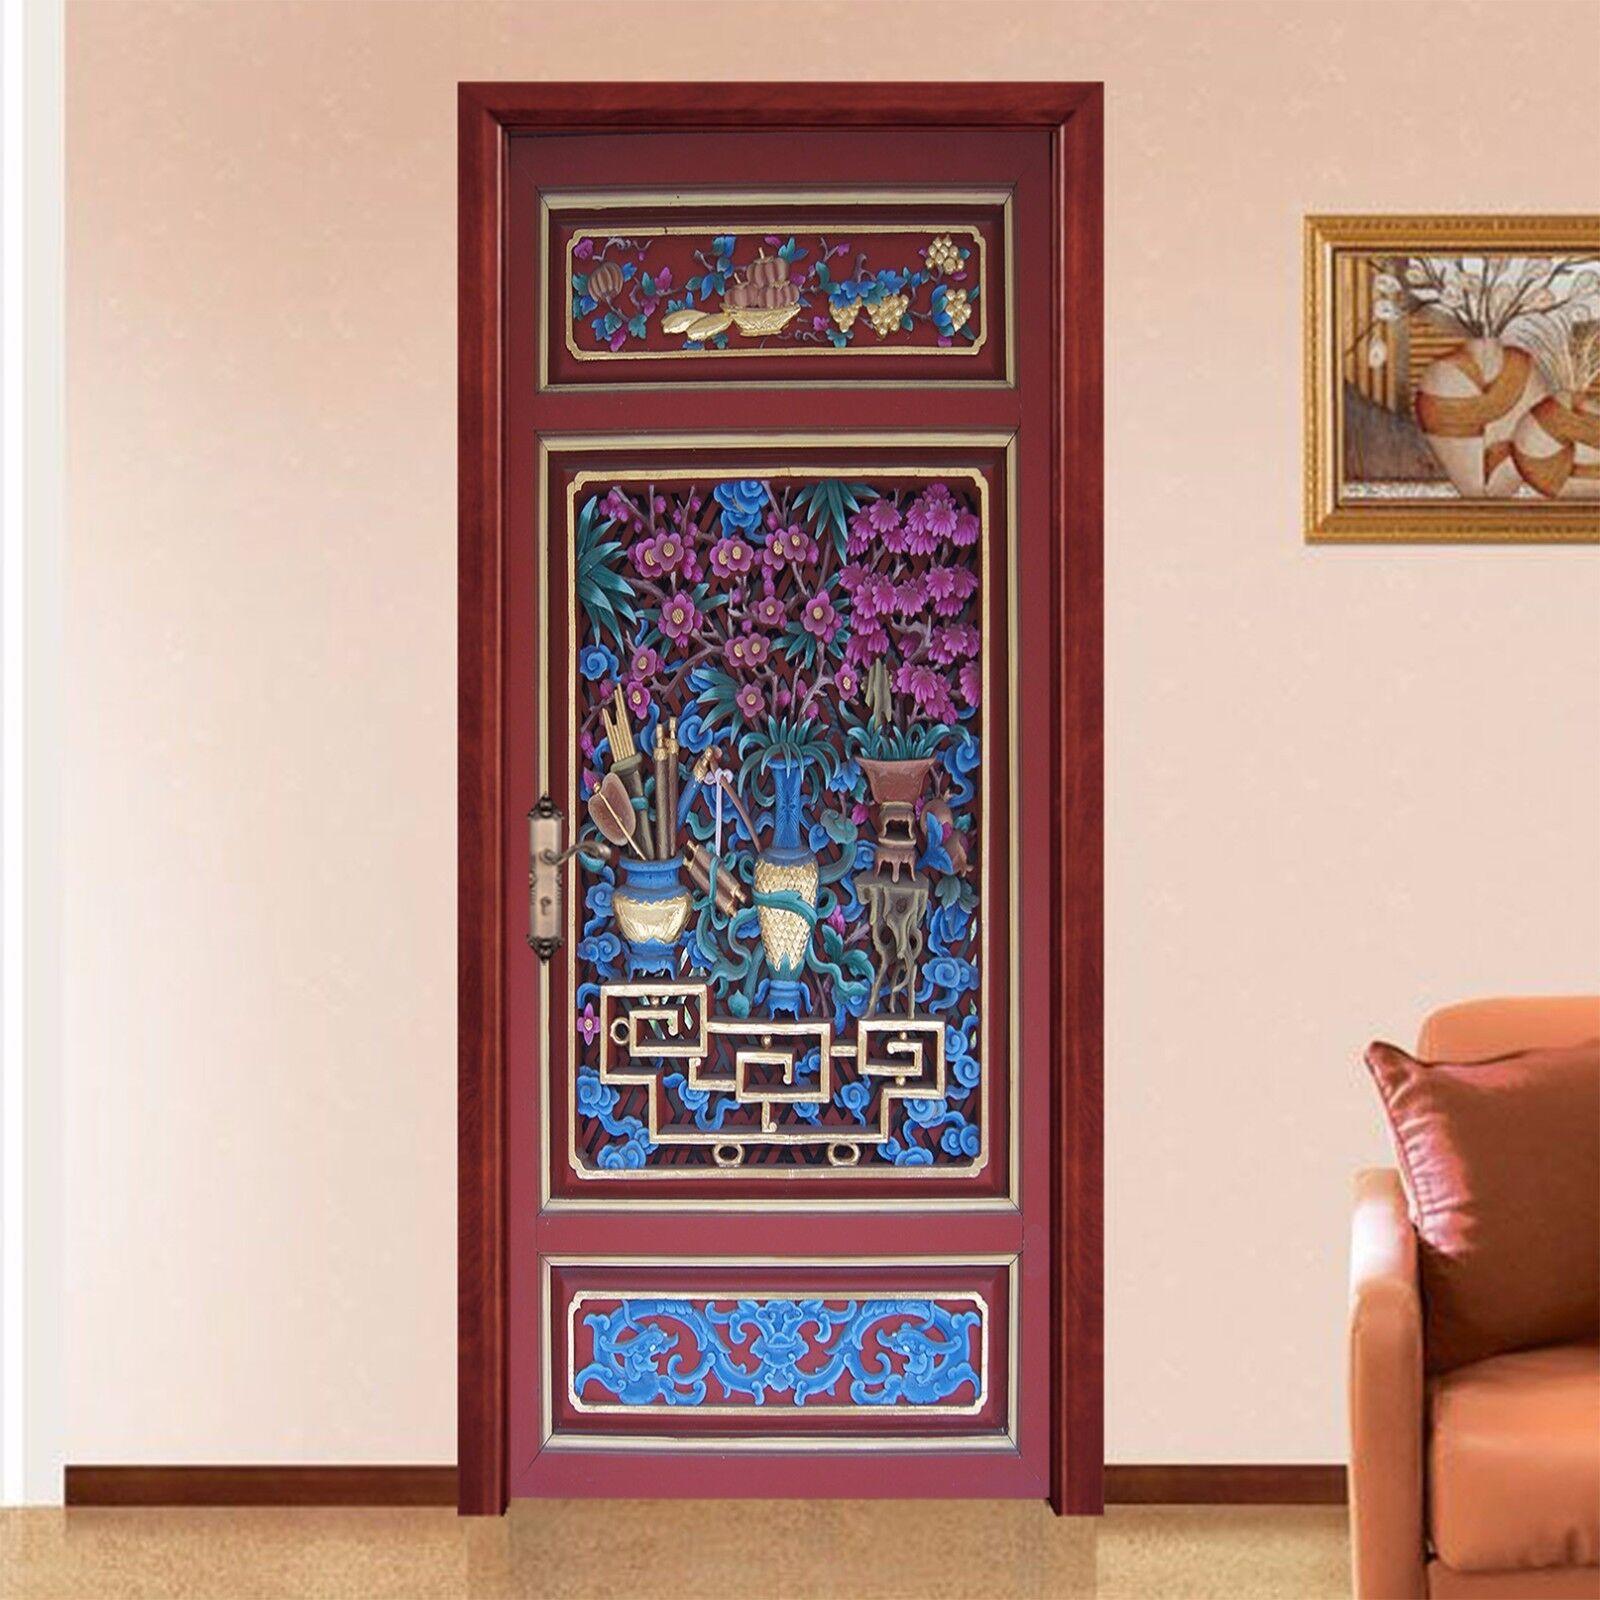 3D Graffiti 720 Tür Wandmalerei Wandaufkleber Aufkleber AJ WALLPAPER DE Kyra